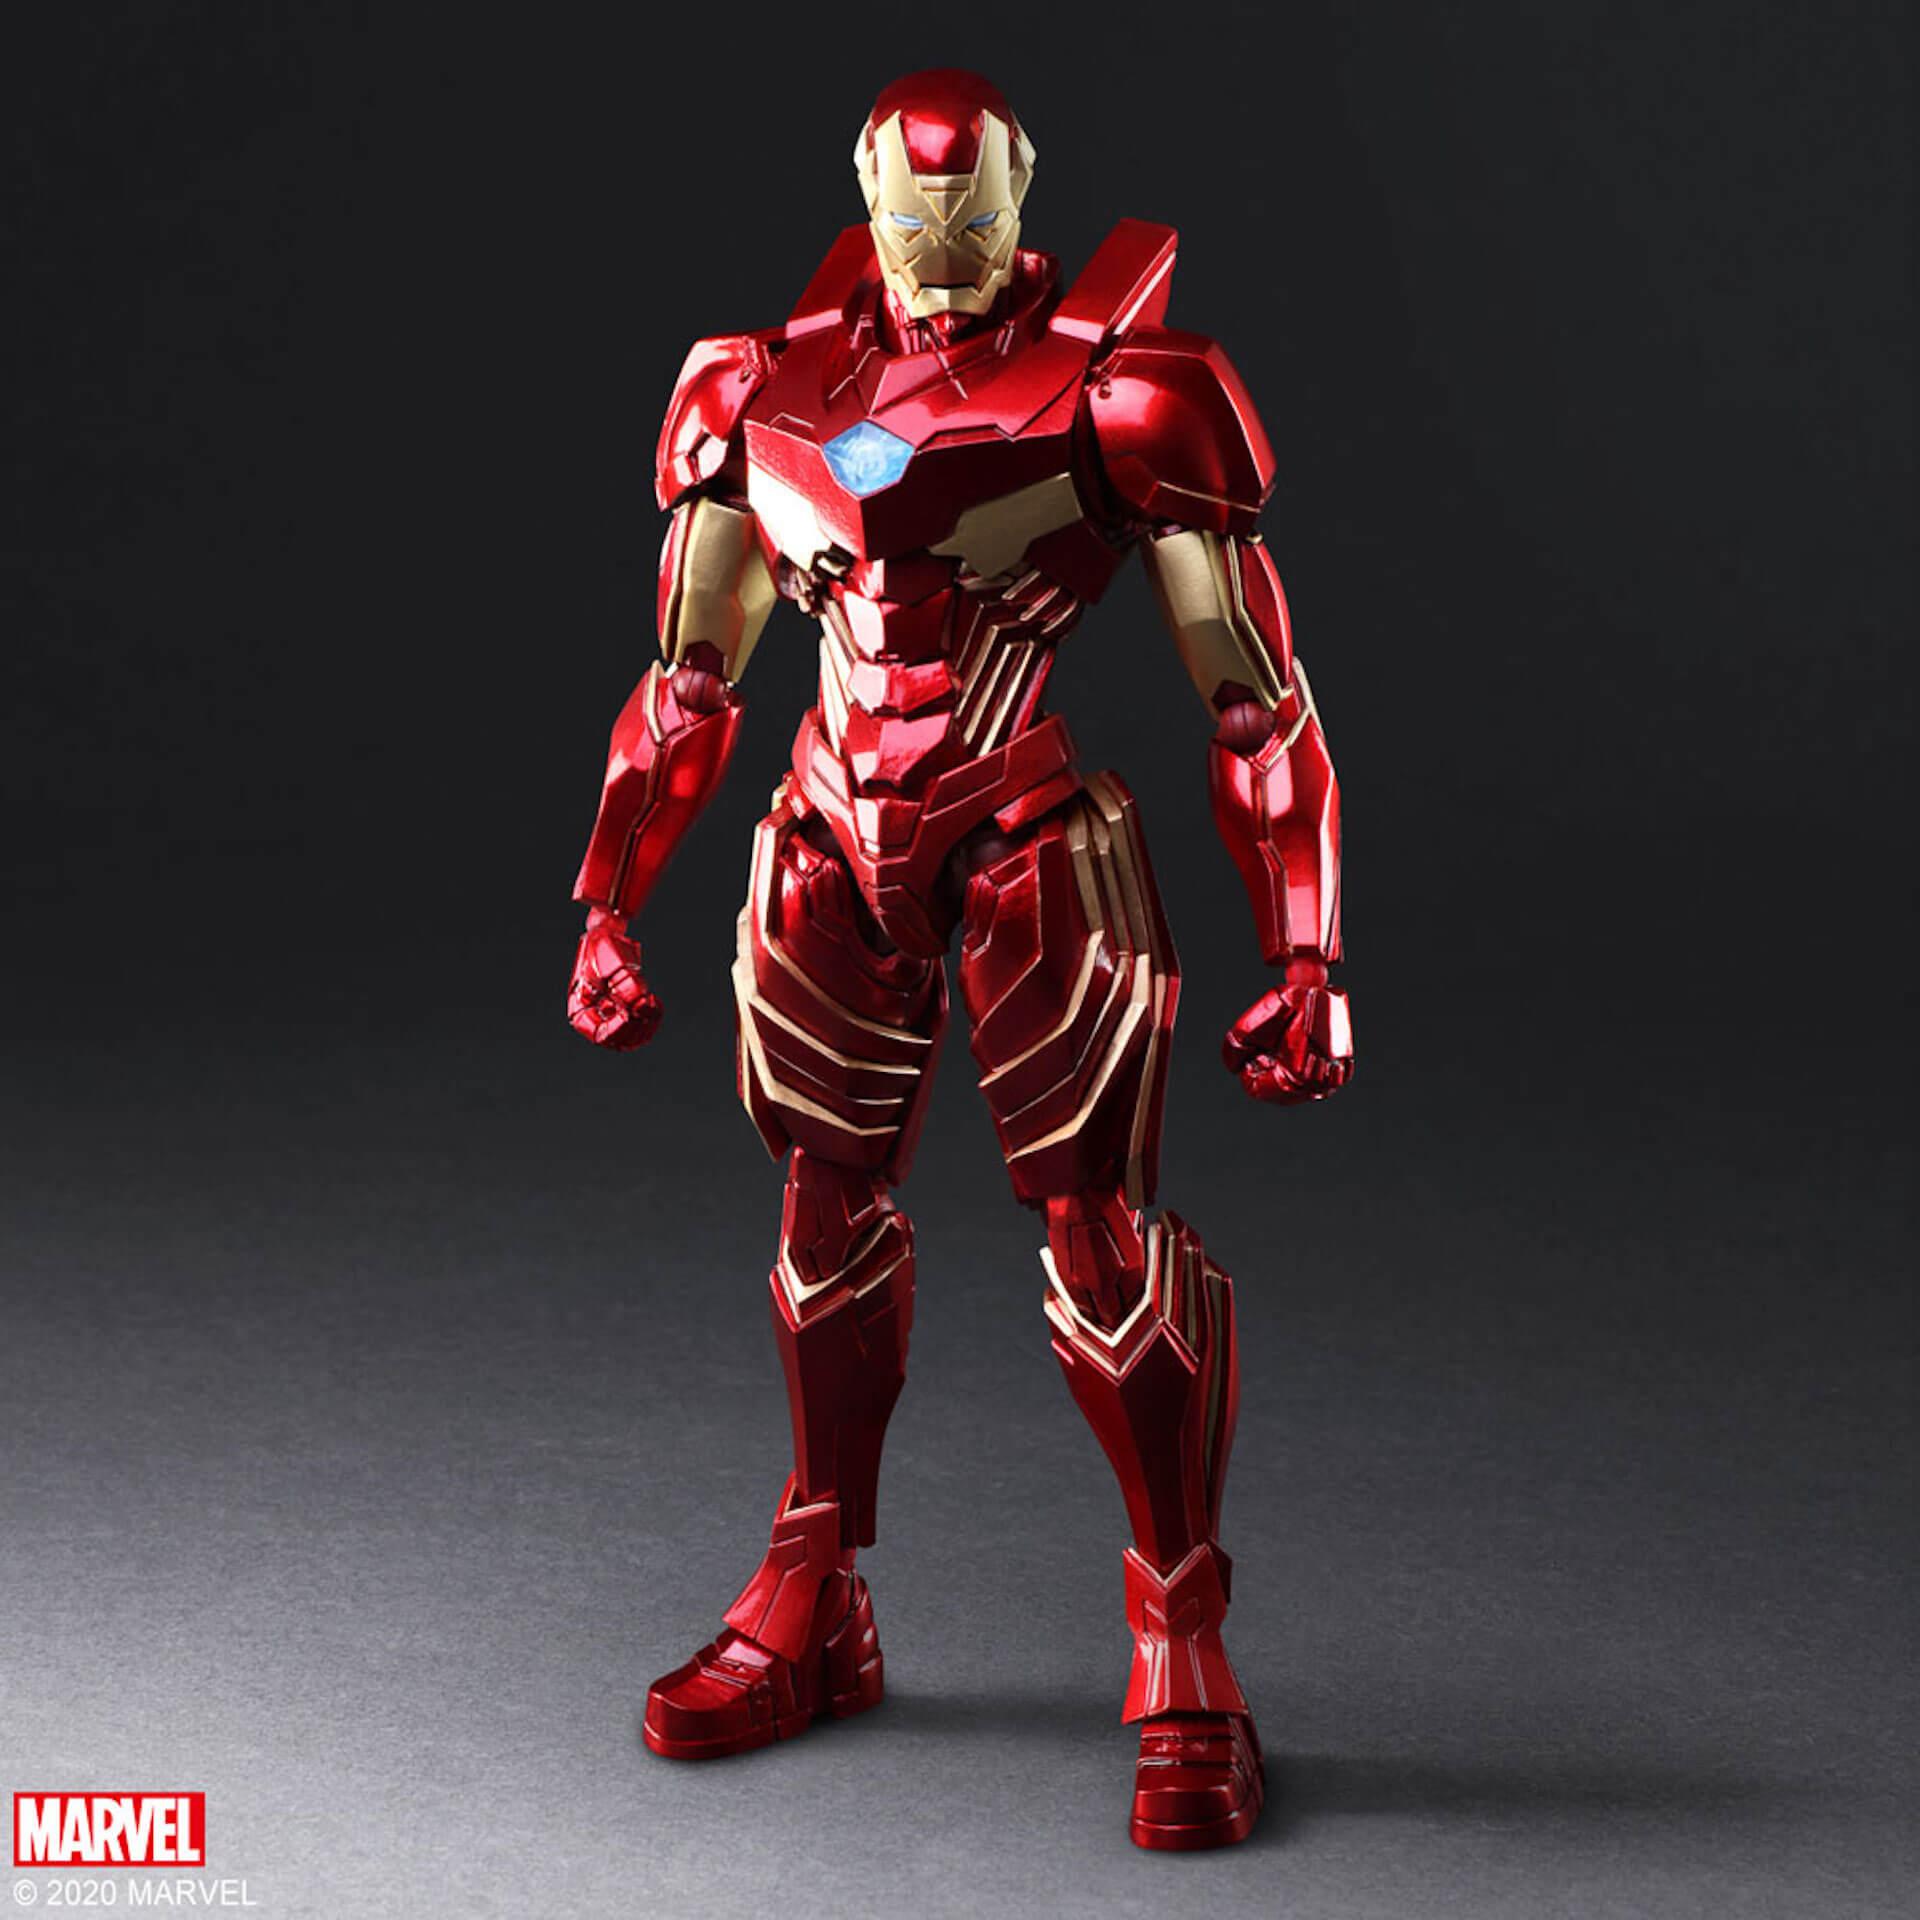 野村哲也デザインの『アイアンマン』『キャプテン・アメリカ』『スパイダーマン』フィギュアがスクウェア・エニックスのオンラインサイトで予約受付中! ac200702_marvel_nomuratesuya_01